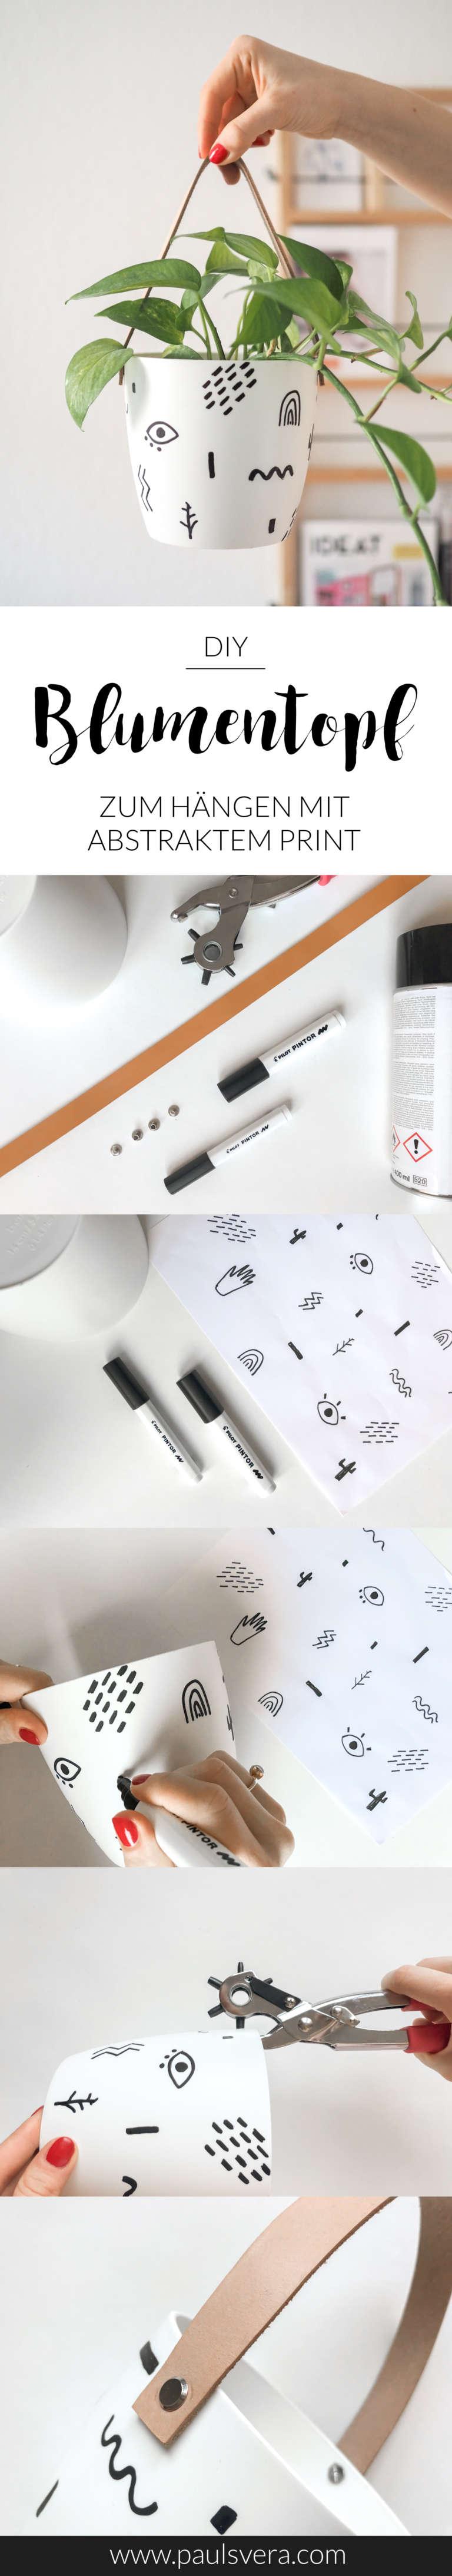 DIY-Blumentopf-gestalten-bemalen-Blumentopf-hängend-Hängeblumentopf-basteln-abstraktes-Muster-Pilot-pintor-Anleitung-zum-selber-machen-paulsvera